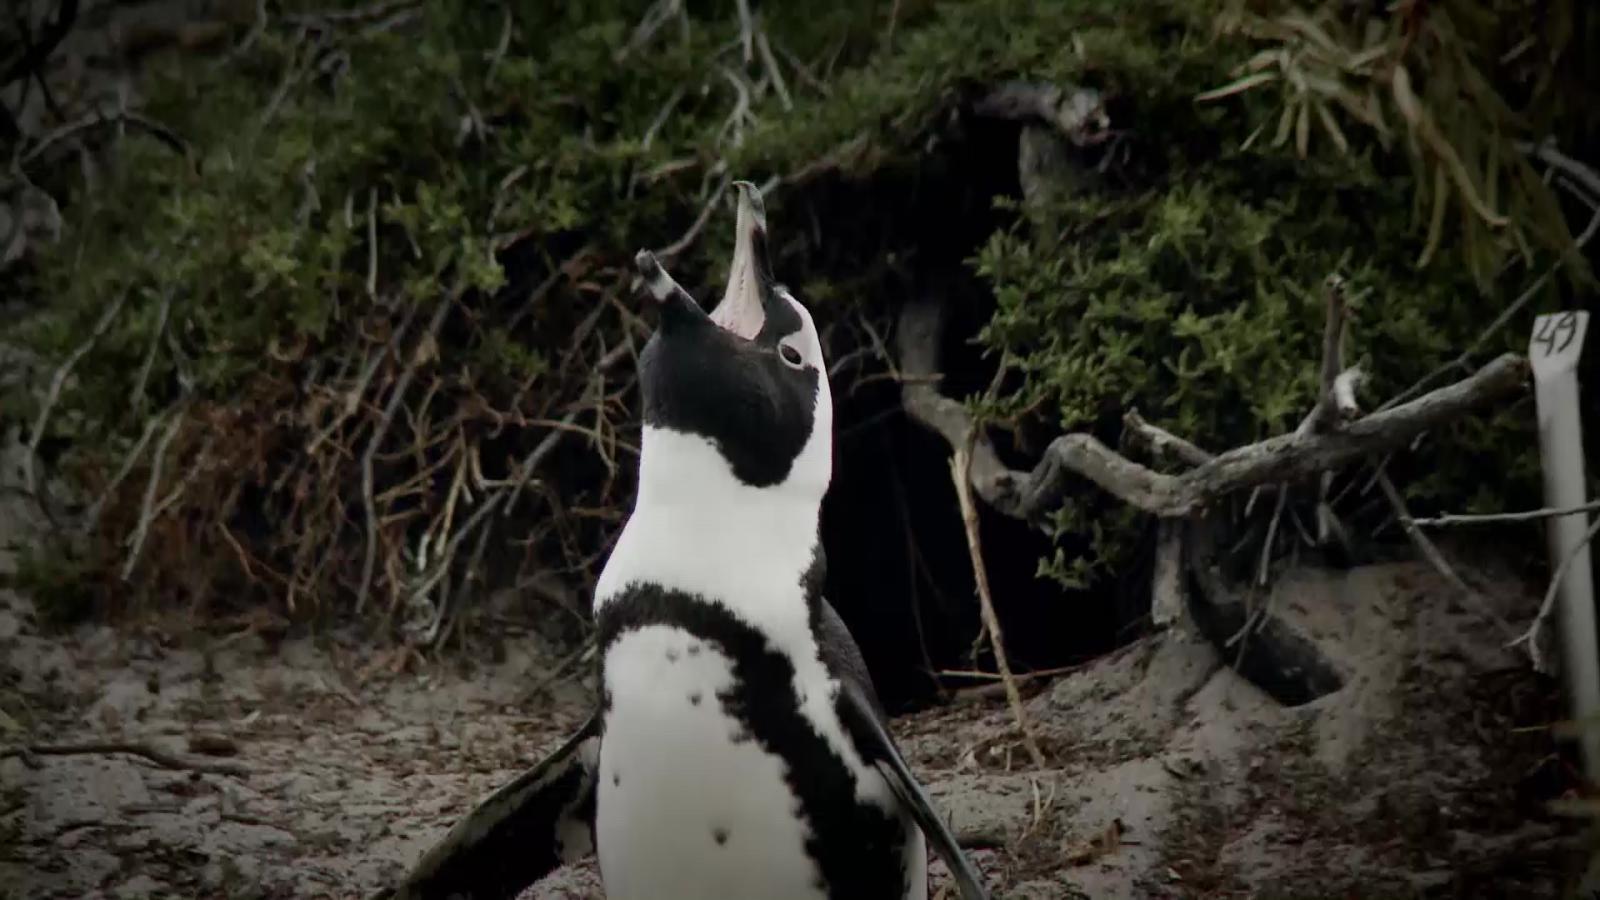 ชั่วโมง Discovery ตอน มหศัจรรย์แดนเพนกวิน ตอนที่ 1